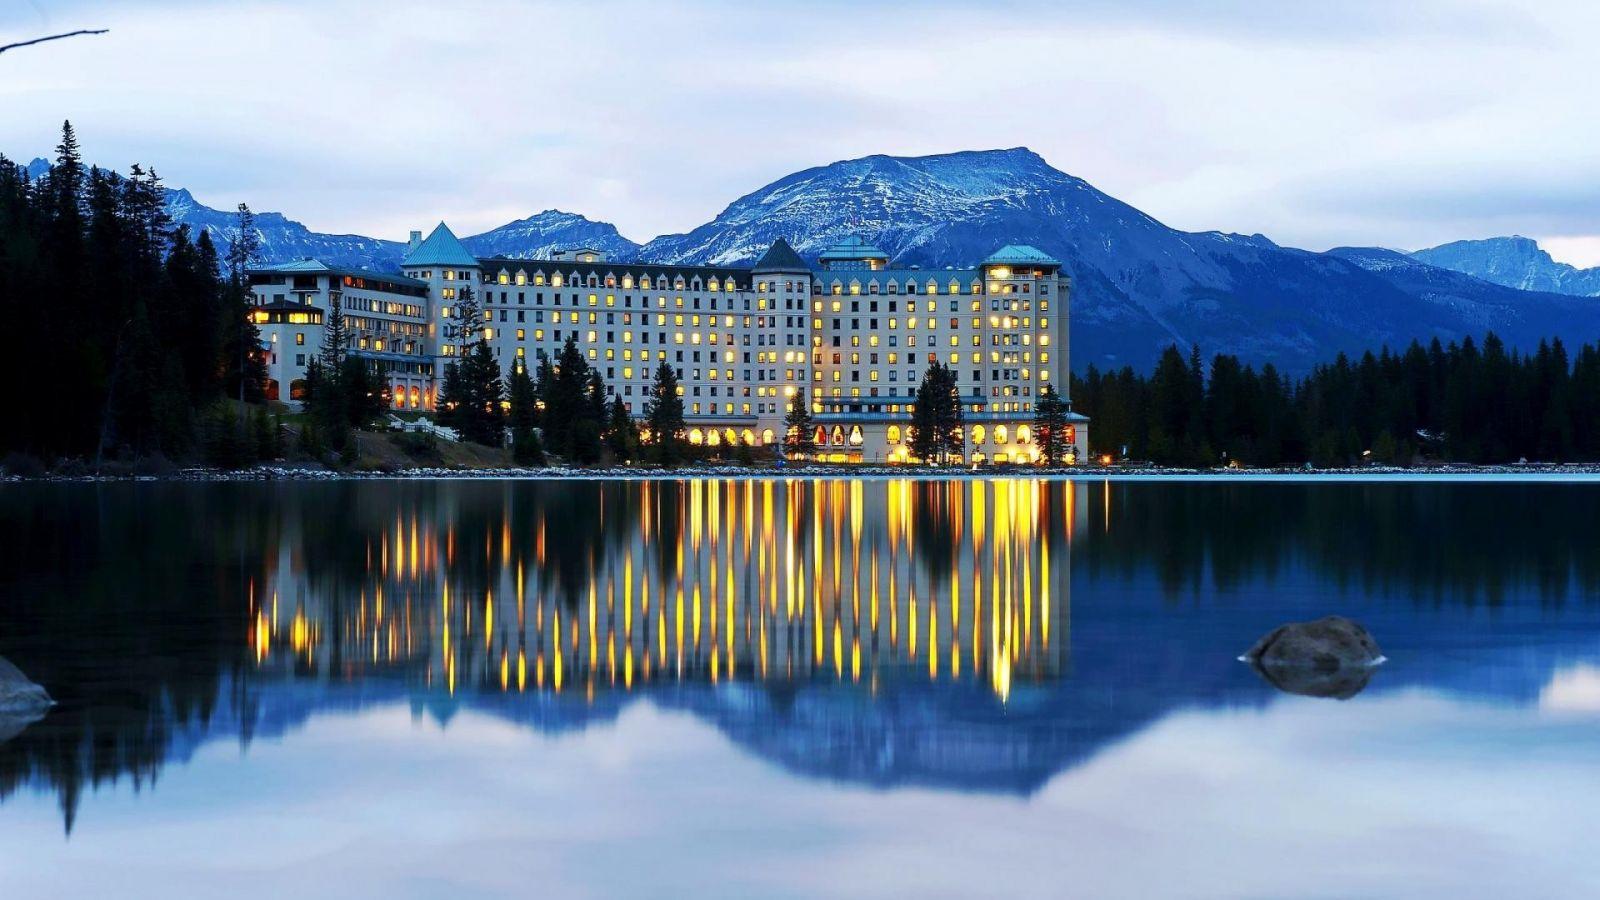 Fairmont Chateau Lake Louise